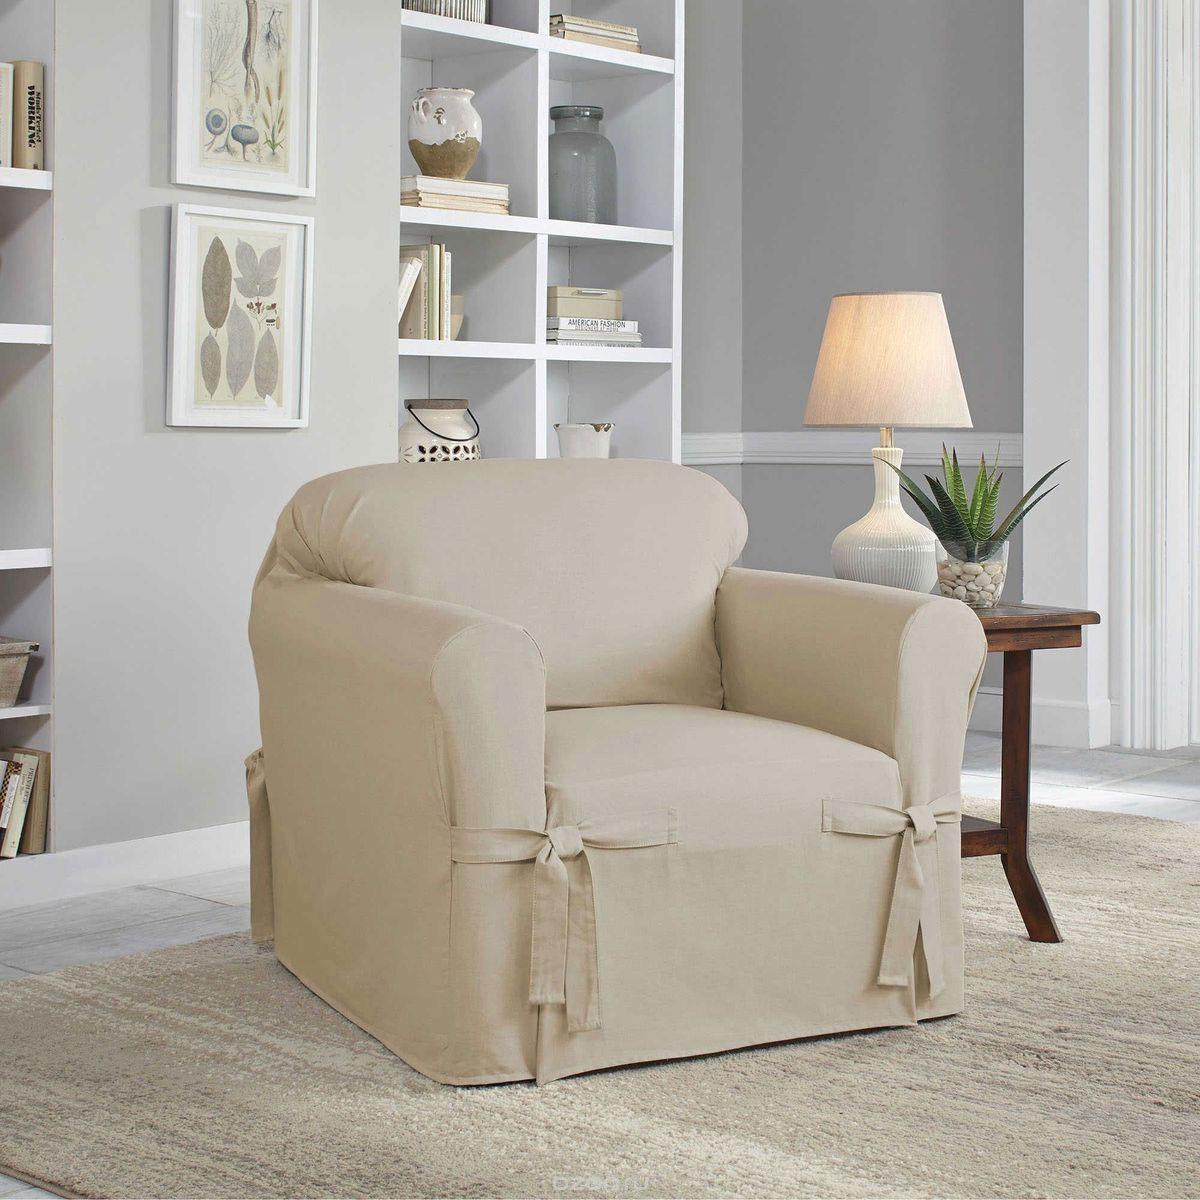 Чехол на кресло Медежда Брайтон, цвет: бежевый1401011203000Чехол на кресло Медежда Брайтон изготовлен из 60% хлопка и 40% полиэстера. Чехол не эластичен, но хорошо принимает форму кресла. Подходит для кресел с шириной спинки от 80 до 110 см. Благодаря классической однотонной расцветке чехол легко гармонирует почти со всеми палитрами цвета и любым типом интерьера. Изделие украсит вашу гостиную и создаст комфорт и уют в доме. Чехол очень удобен и прост в установке. Машинная стирка при температуре 30°С. Чехлы на мебель Медежда универсальны и подходят на большинство моделей мебели. Такова особенность кроя изделий свободного стиля или тянущегося материала стрейч стиля. Основное значение при подборе имеет только ширина спинки.